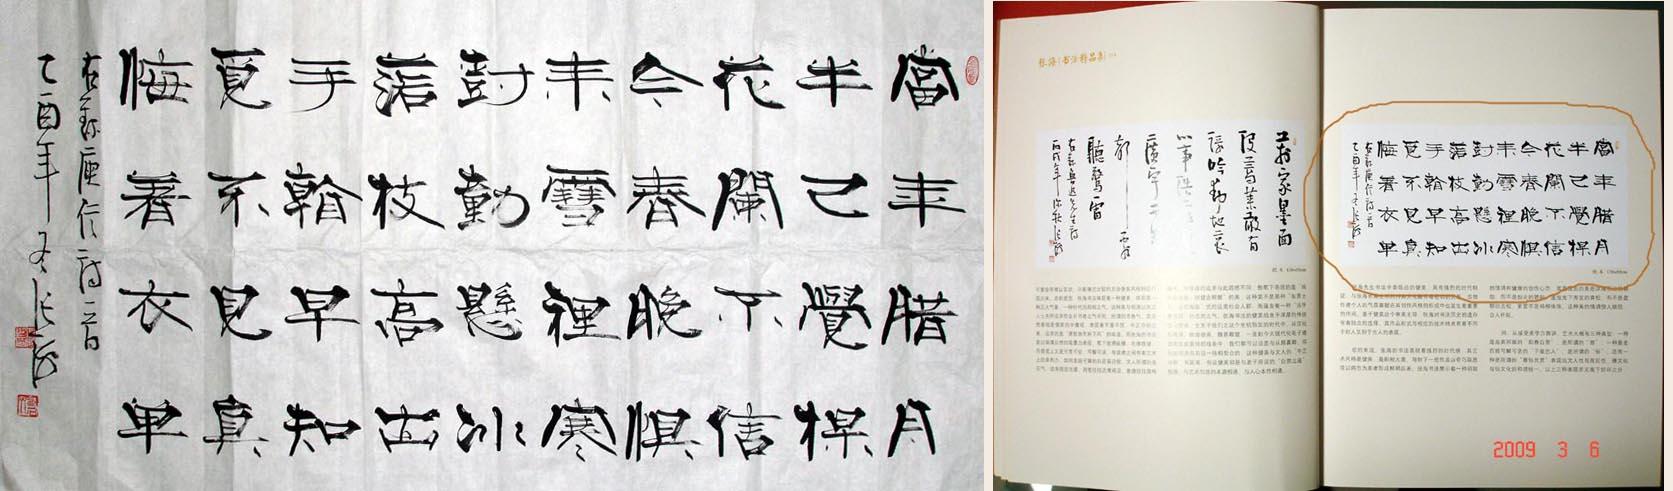 《张海书法精品集》出版作品